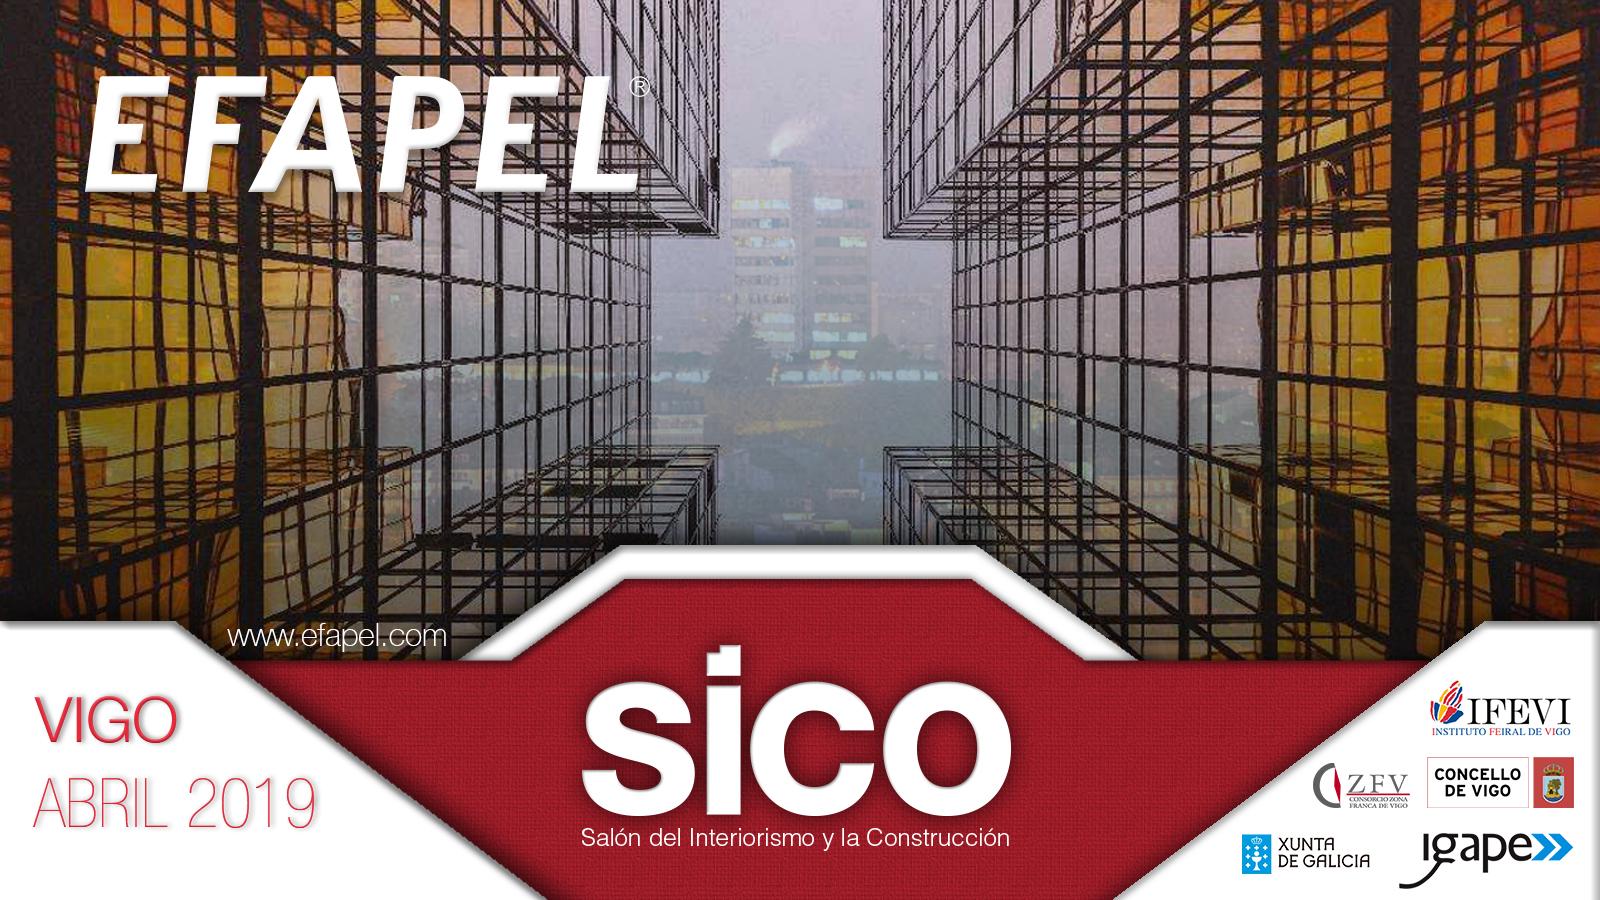 SICO <br>- Realizado en Abril/2019